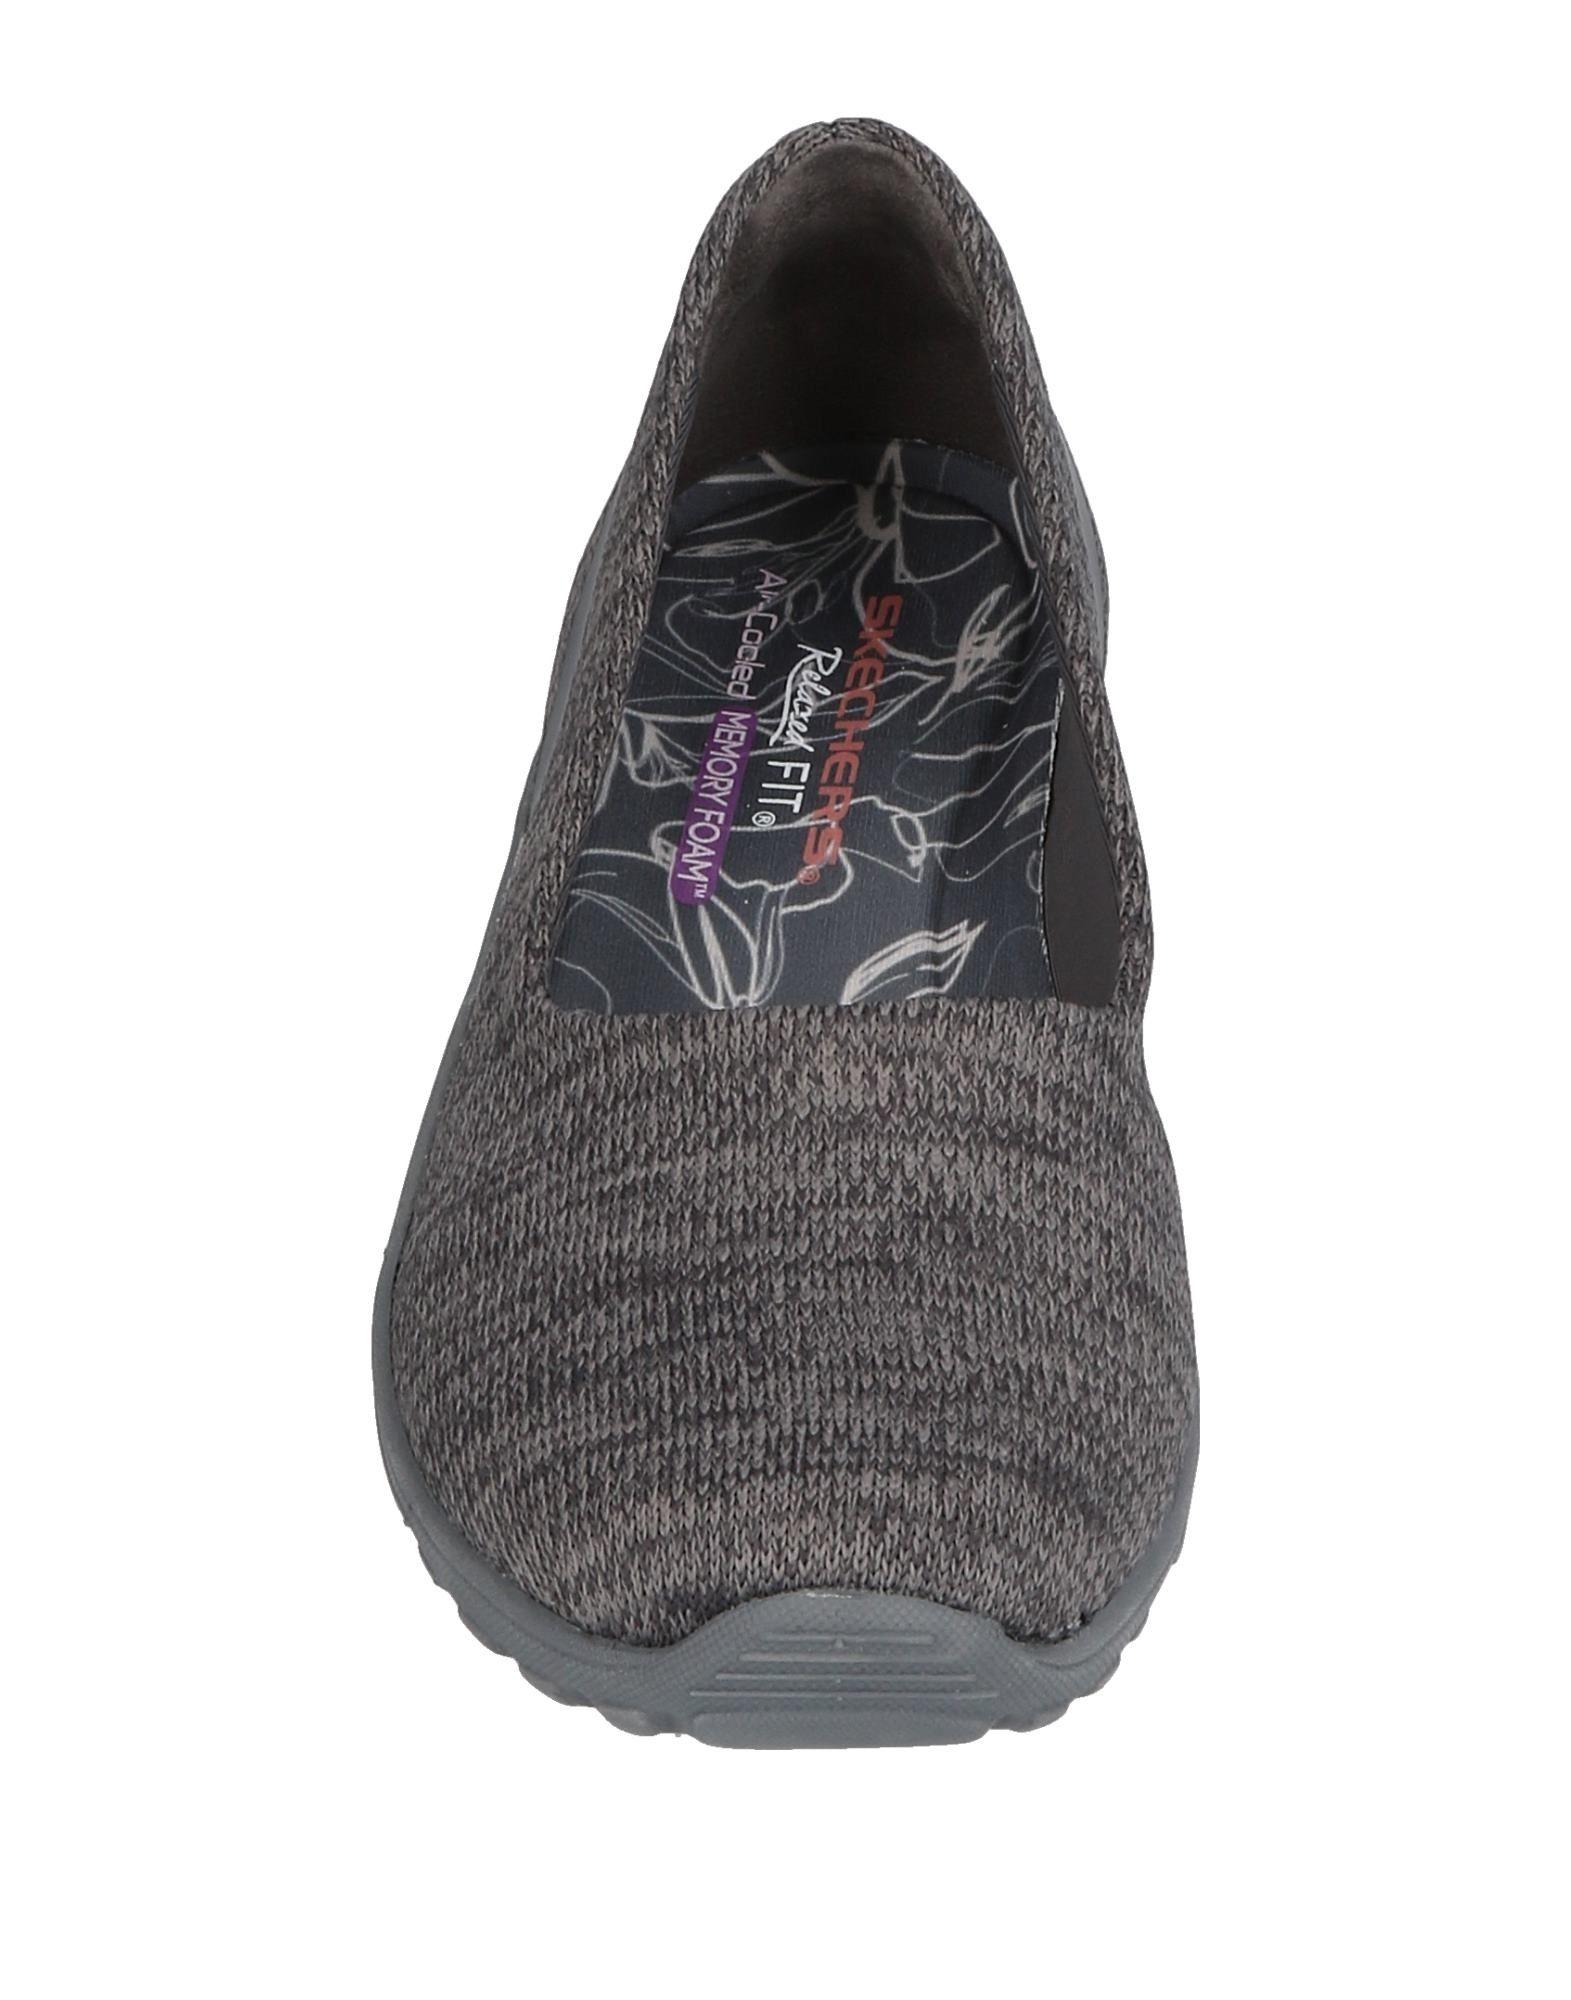 Skechers Sneakers Schuhe Damen  11427423JA Heiße Schuhe Sneakers 18bb6a